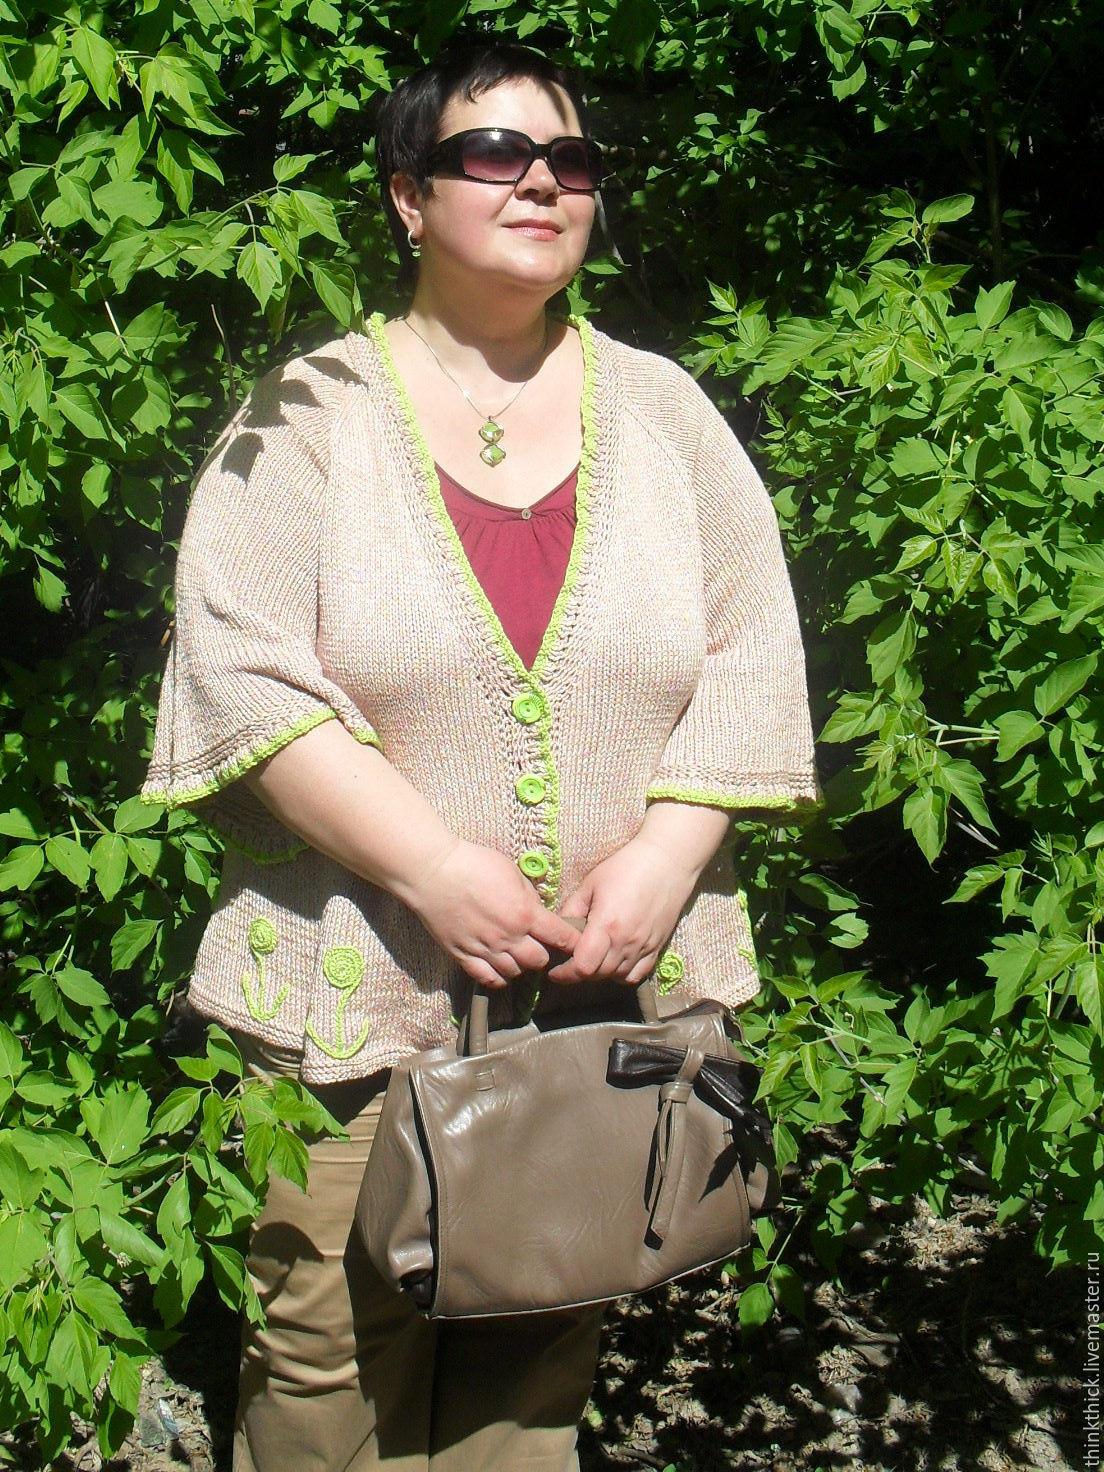 Частные фото русских женщин с пышными размерами 18 фотография